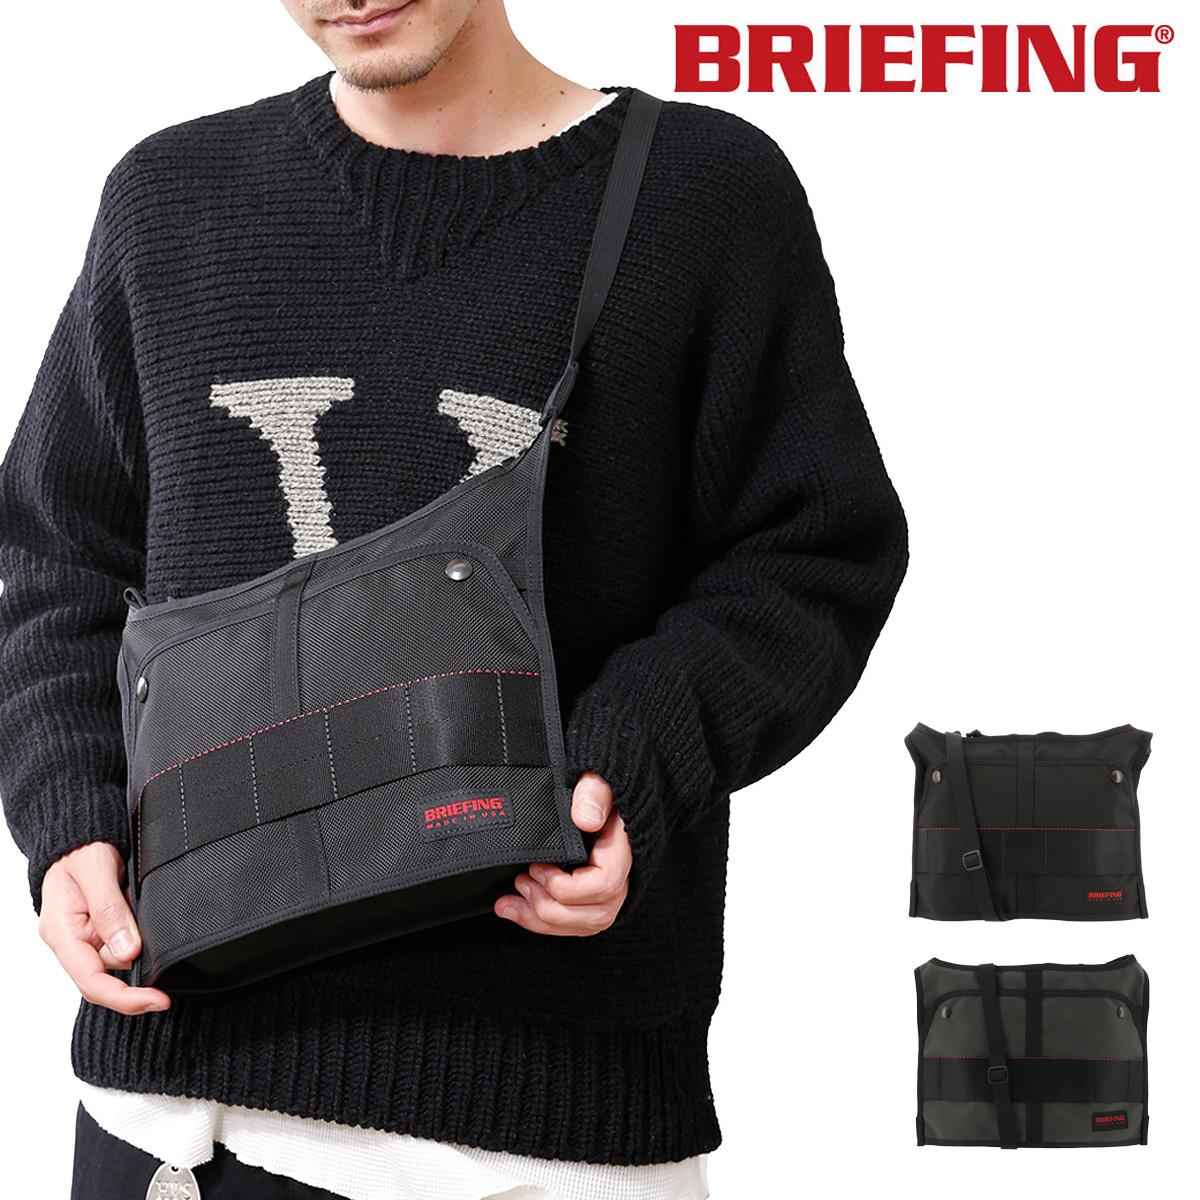 ブリーフィング サコッシュ USA メンズ BRM183206 BRIEFING | T-SACOCHEショルダーベルト付き ナイロン[bef][即日発送]